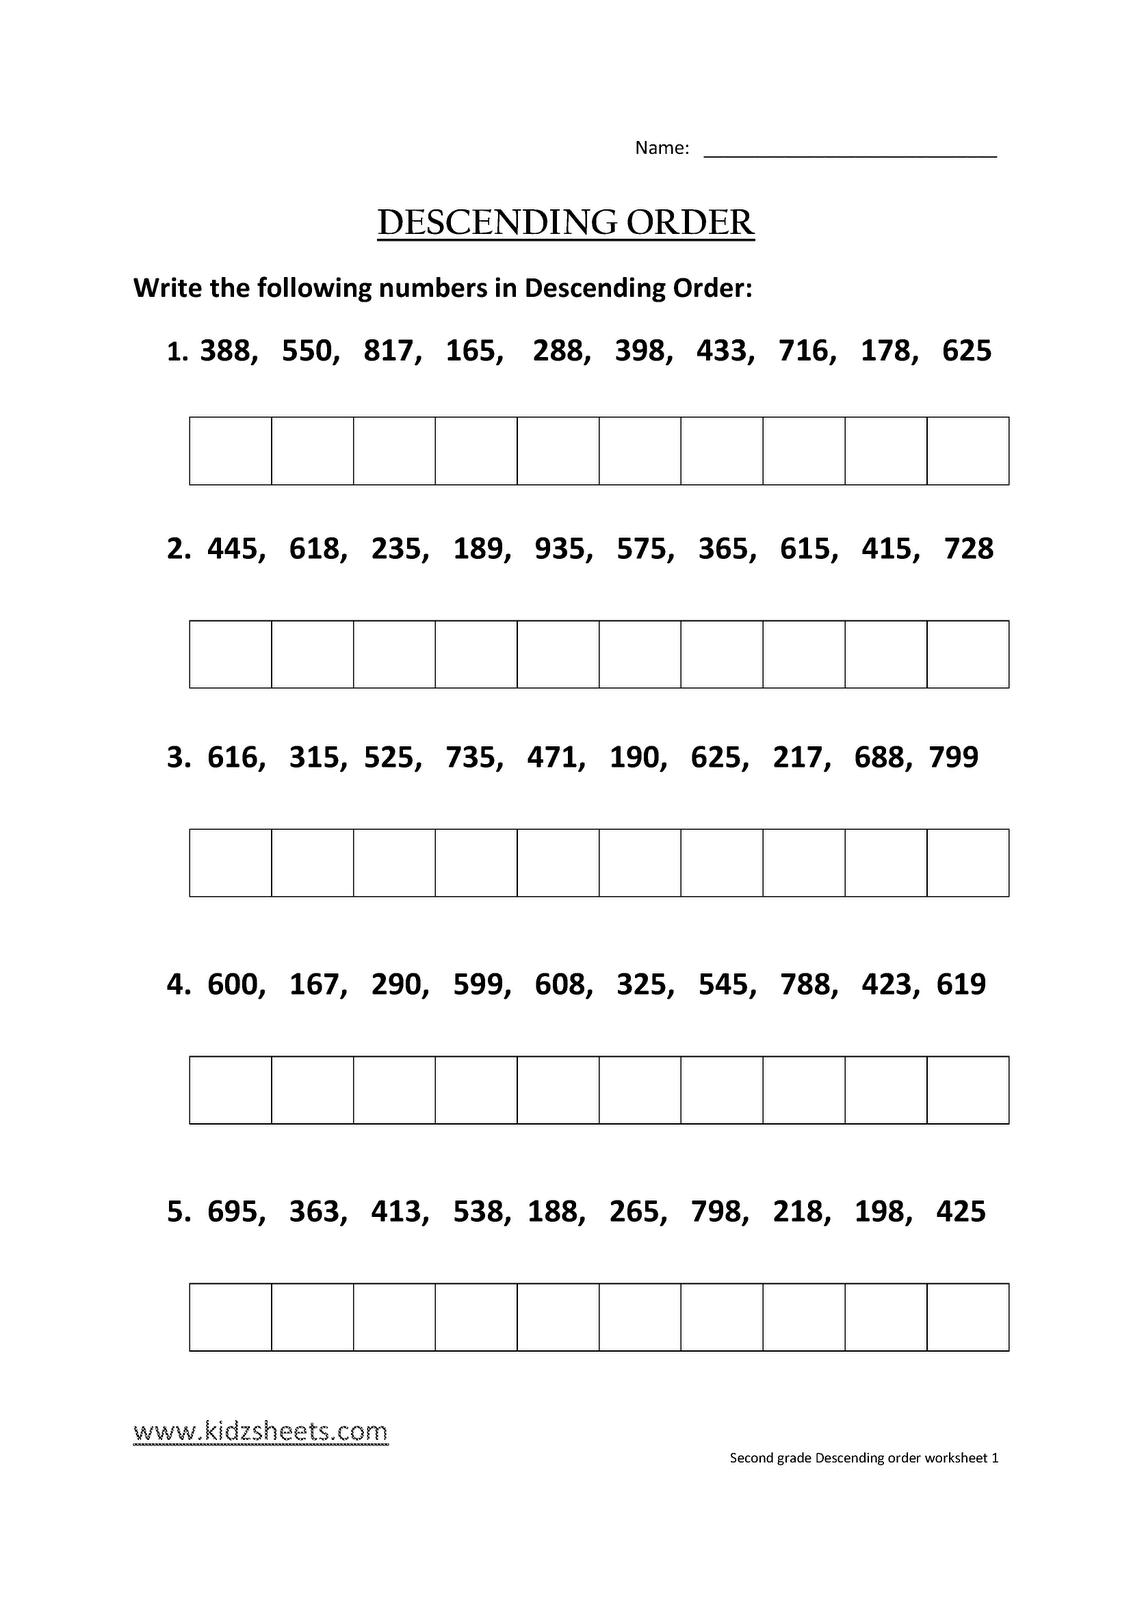 Kidz Worksheets  Second Grade Descending Order Worksheet1